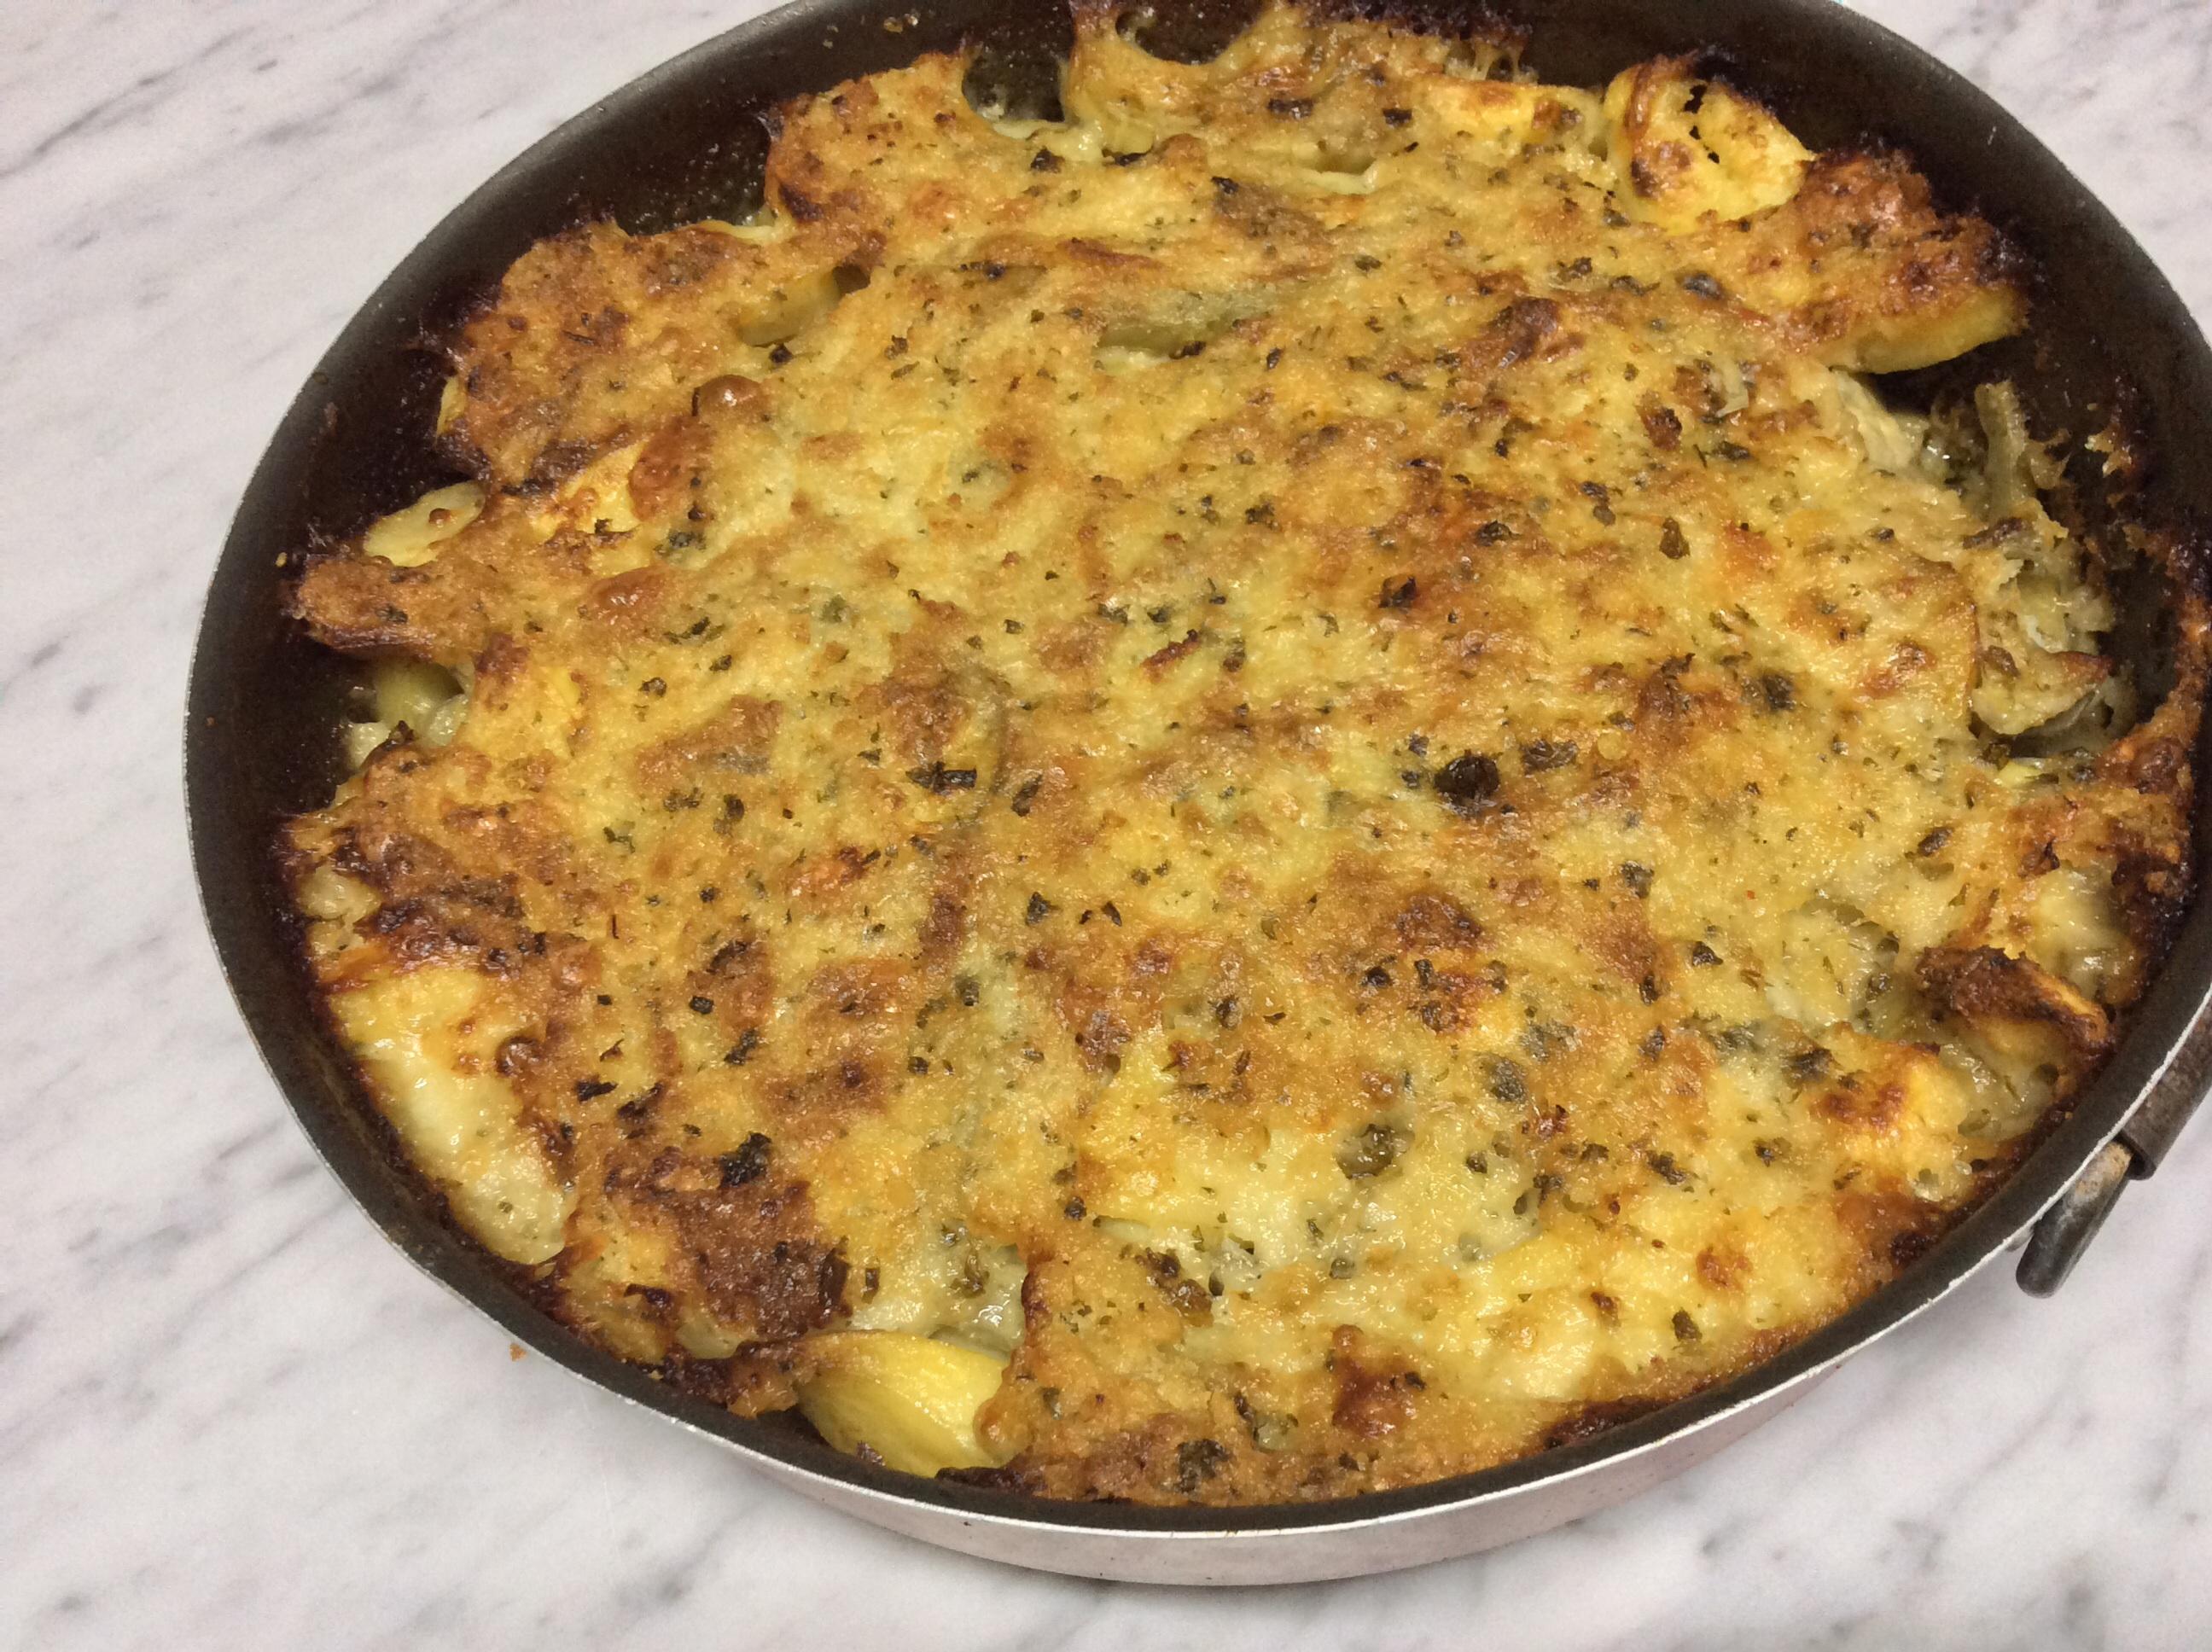 Patate e carciofi in teglia al forno